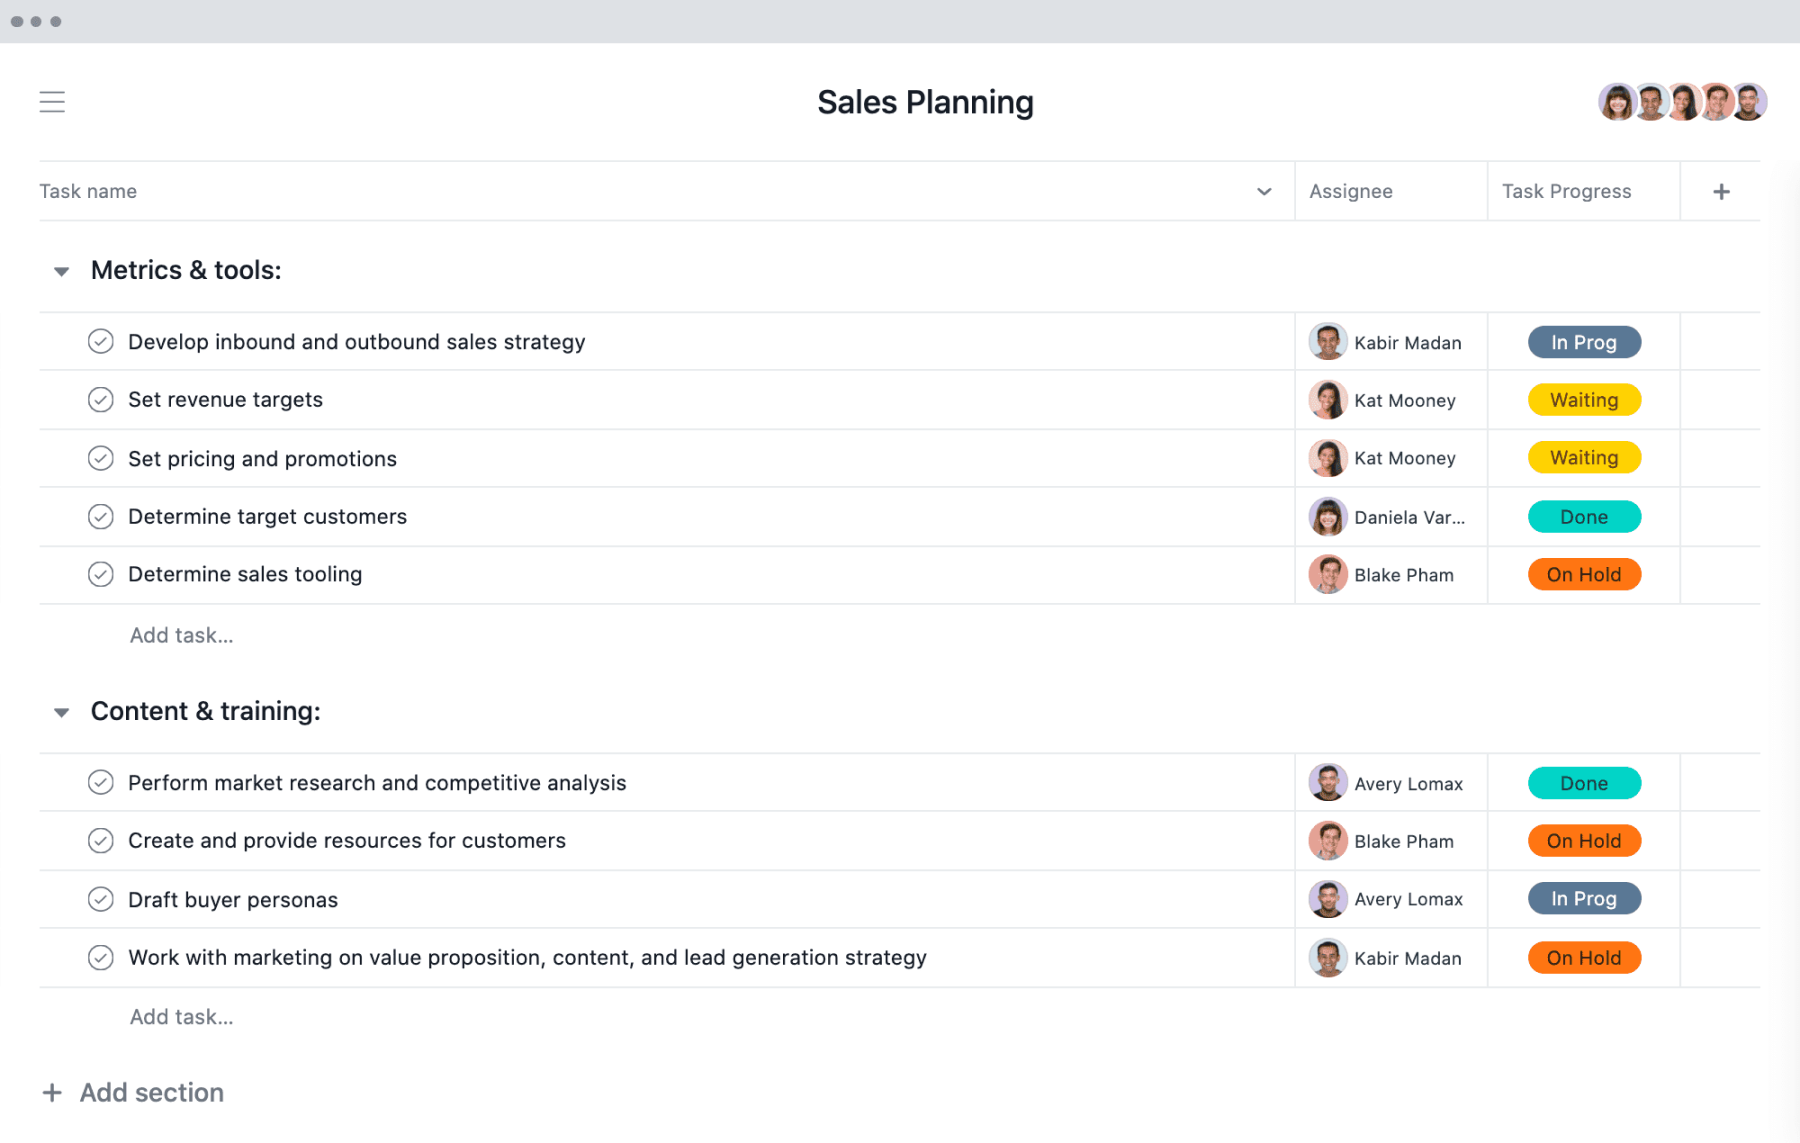 [Vista de Lista] Proyecto de planificación de ventas en Asana, en una vista al estilo de una hoja de cálculo con entregas del proyecto